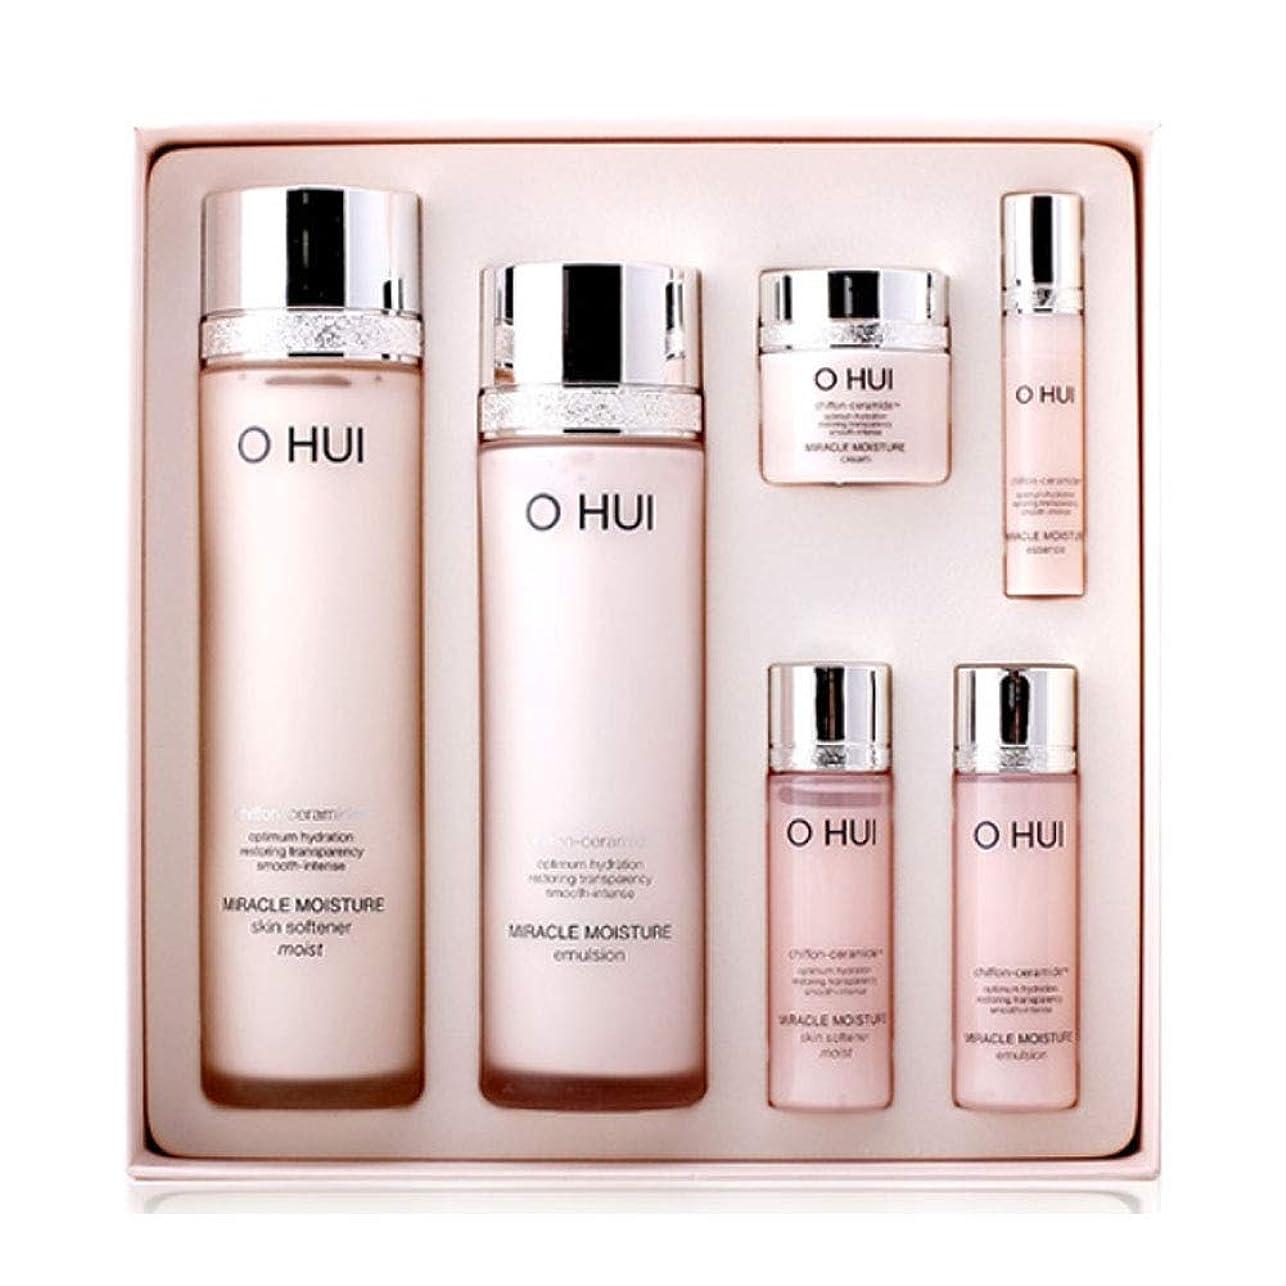 滞在マラドロイト馬鹿げたオフィミラクルモイスチャースキンソフナーエマルジョンセット韓国コスメ、O Hui Miracle Moisture Skin Softener Emulsion Set Korean Cosmetics [並行輸入品]